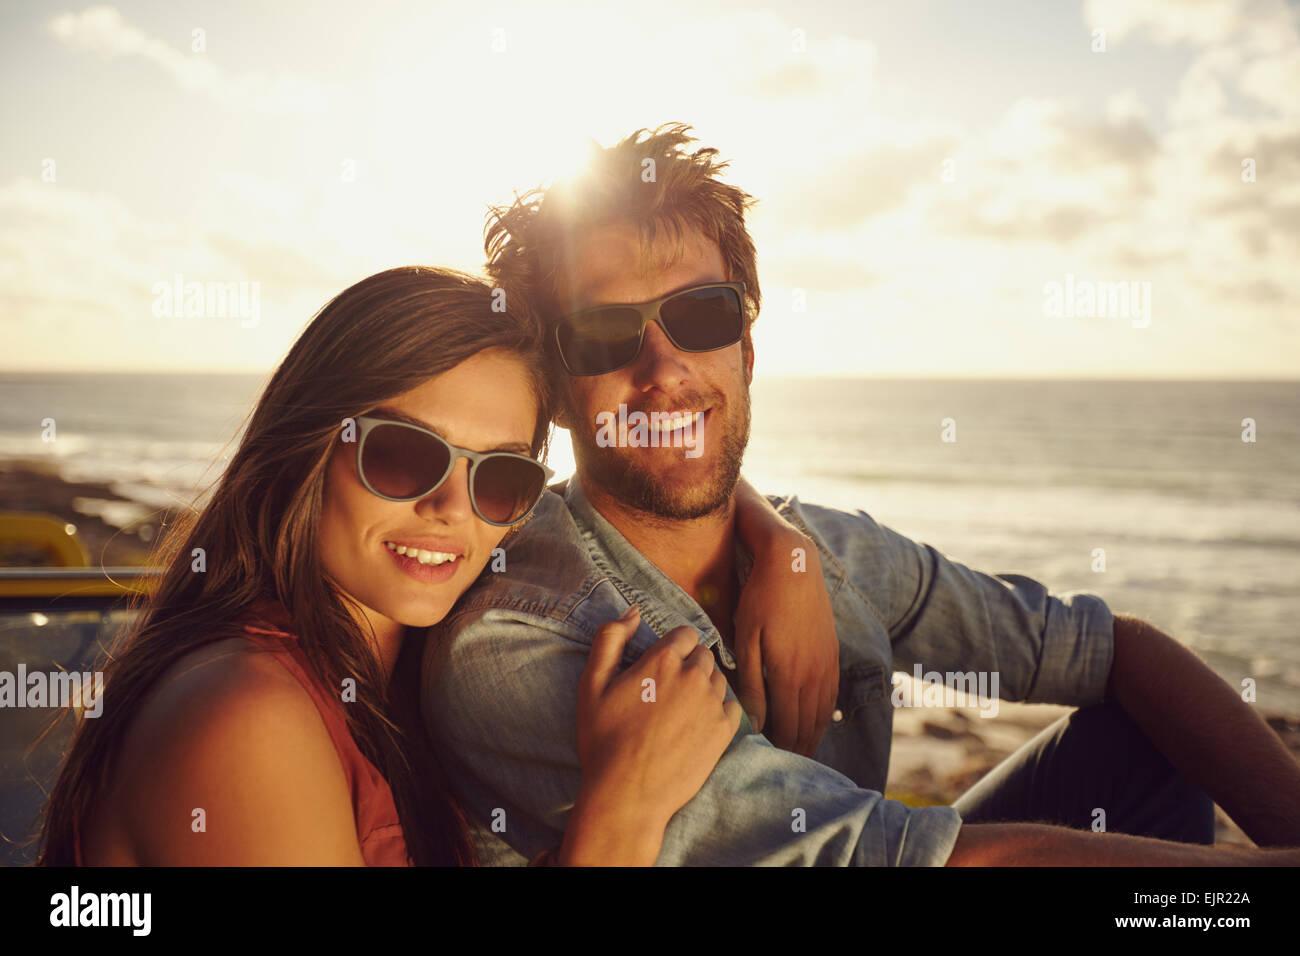 Ritratto di giovane e bella giovane indossando occhiali da sole guardando la fotocamera durante un viaggio. Giovane Immagini Stock